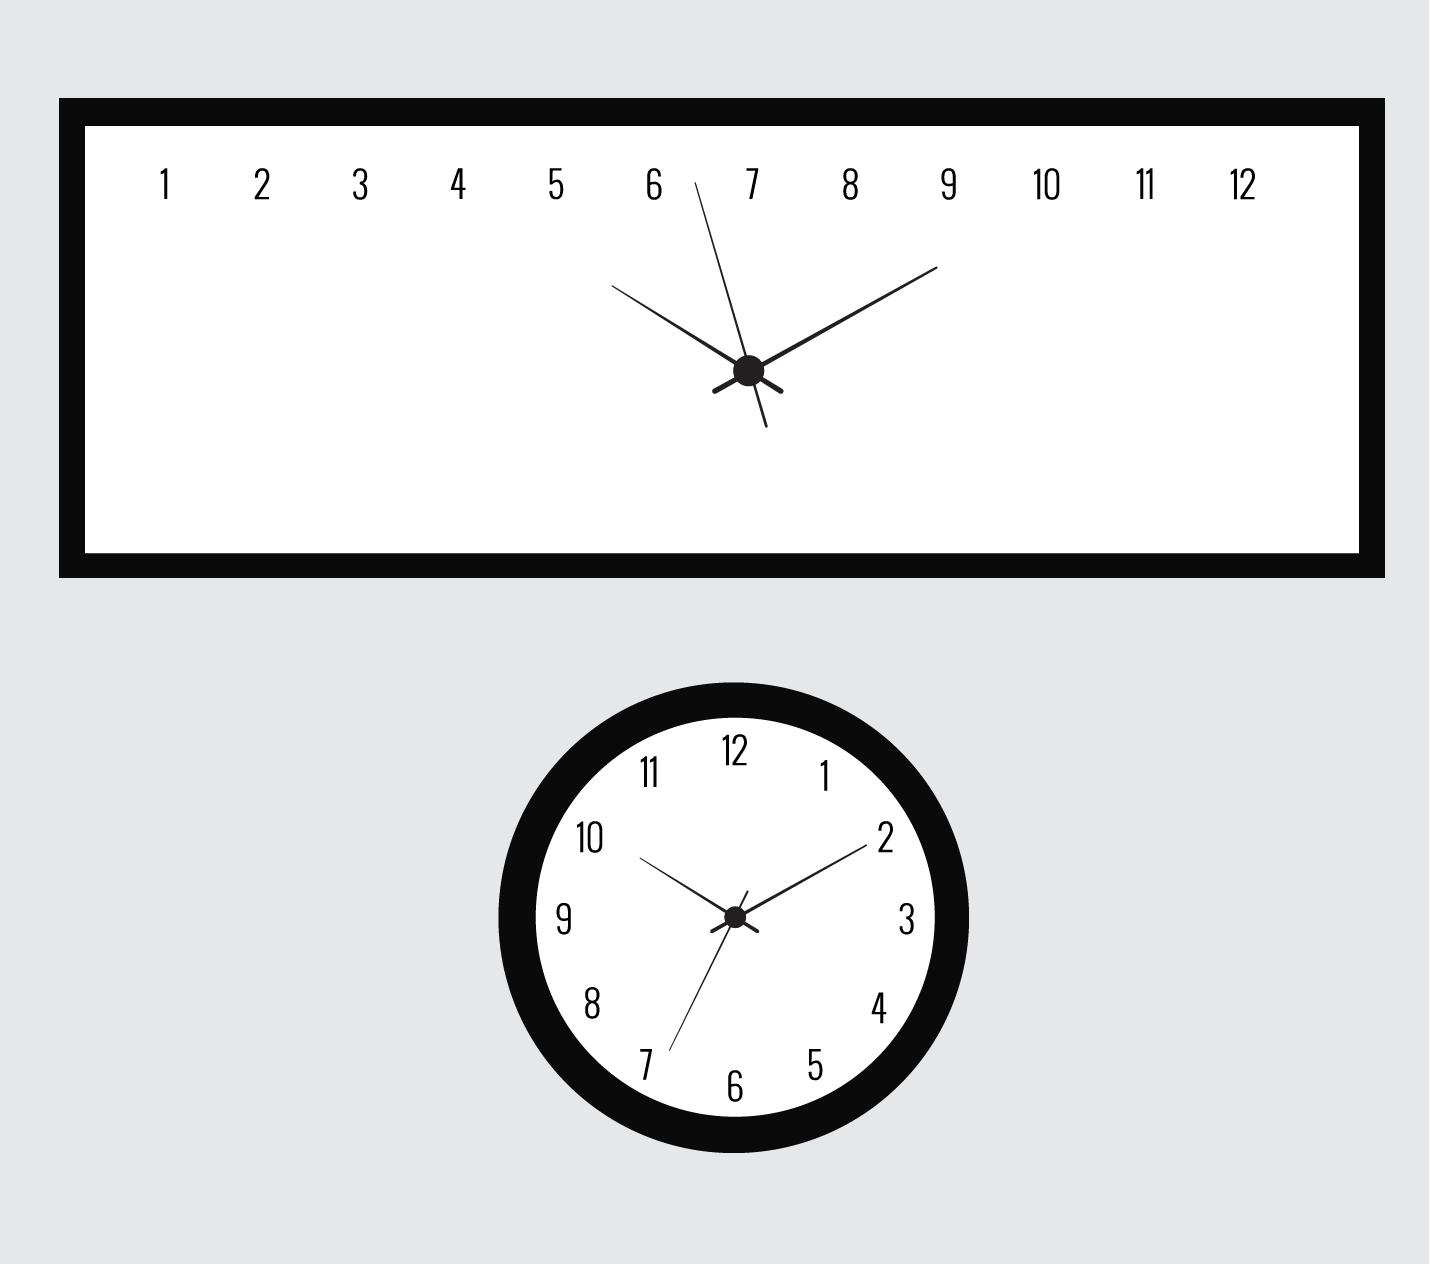 Rectangluar vs Radial